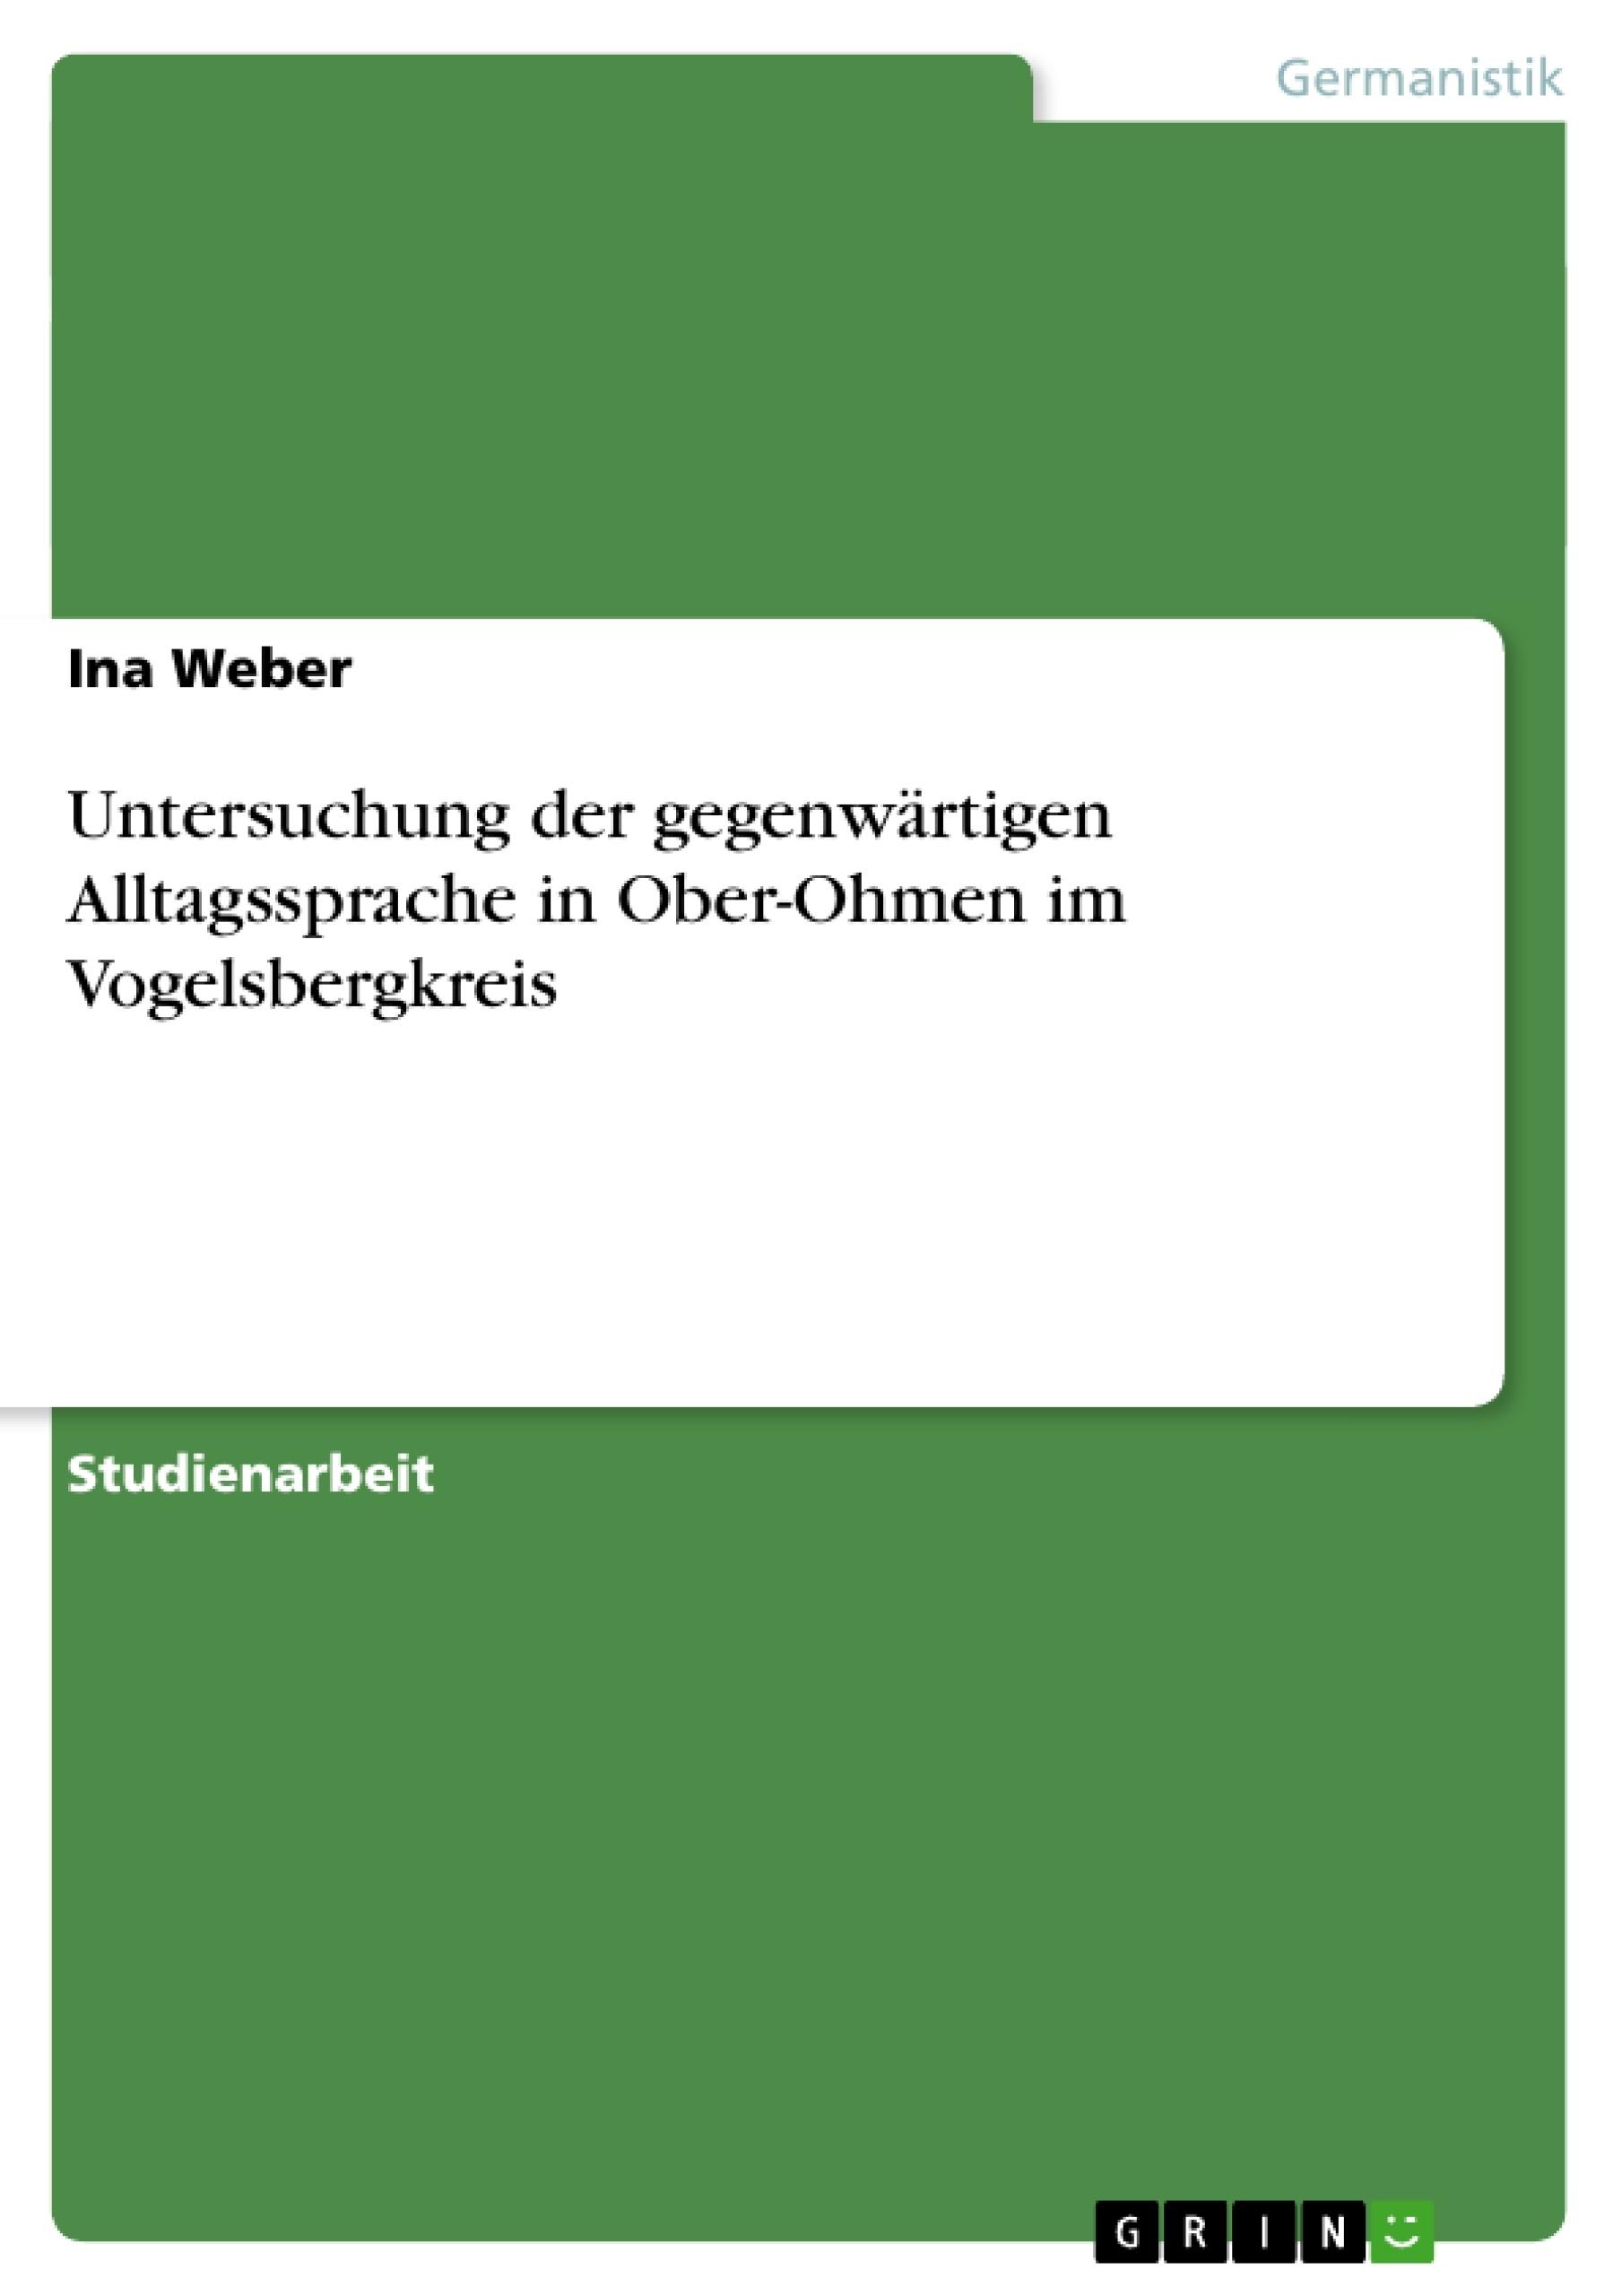 Titel: Untersuchung der gegenwärtigen Alltagssprache in Ober-Ohmen im Vogelsbergkreis